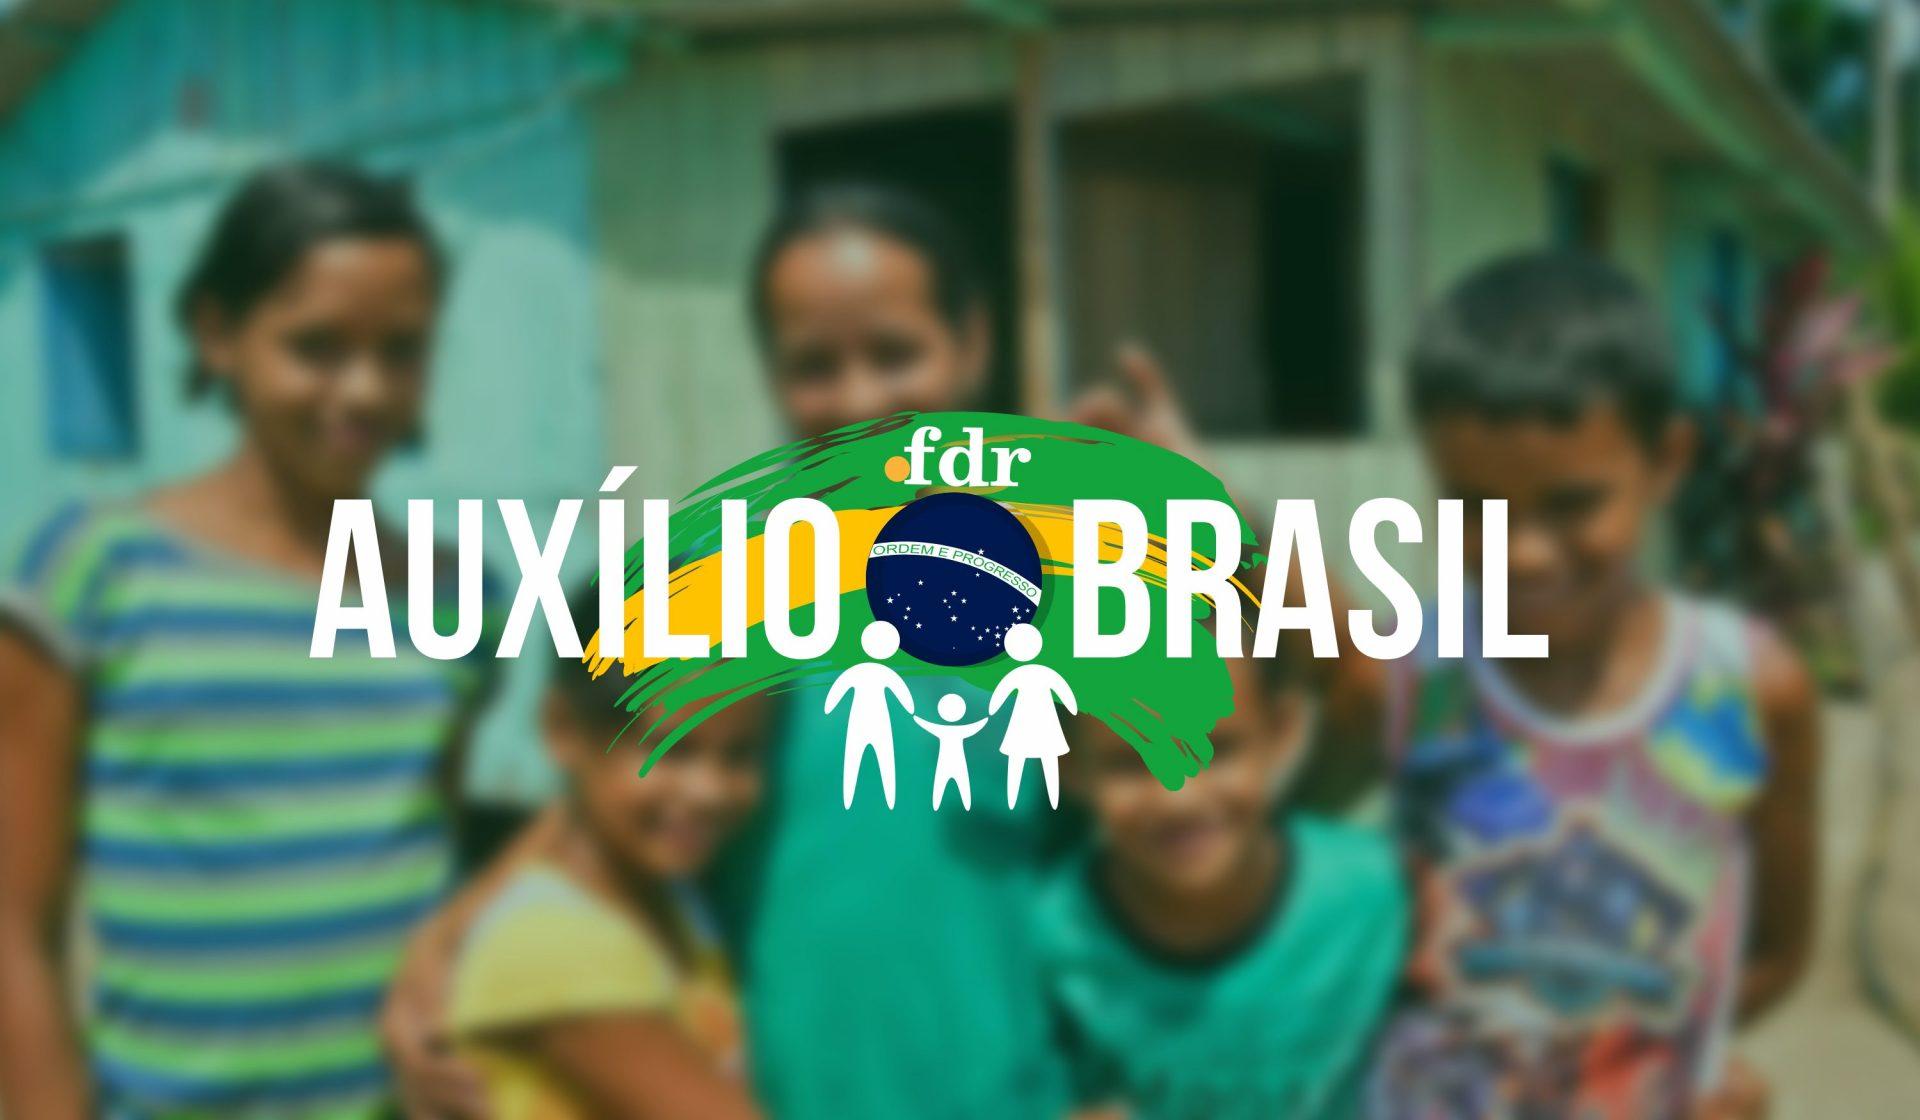 Regras do Bolsa Família que serão mantidas com início do Auxílio Brasil (Imagem: FDR)